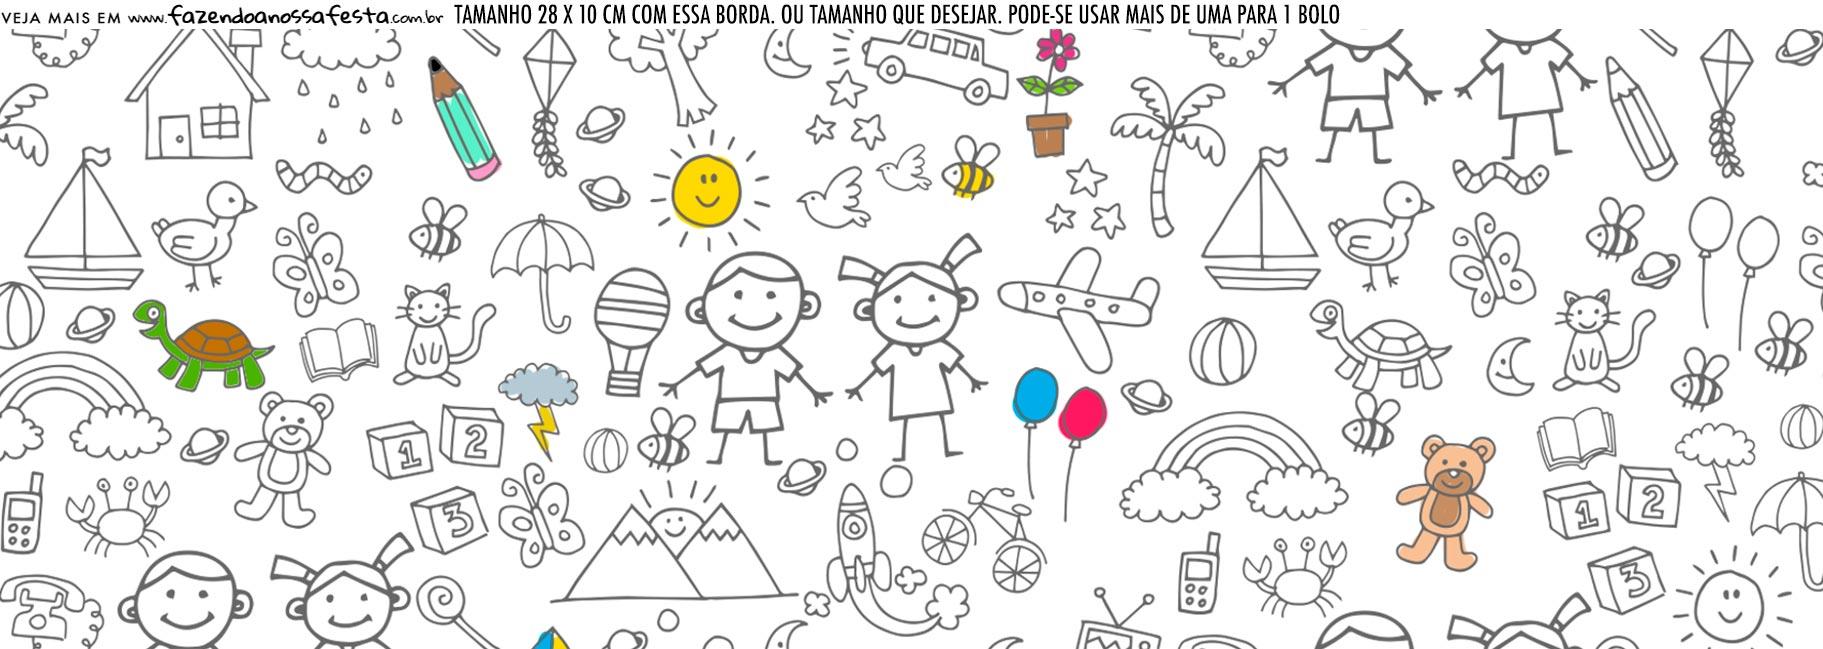 Saia Lateral de Bolo Dia das Criancas para colorir